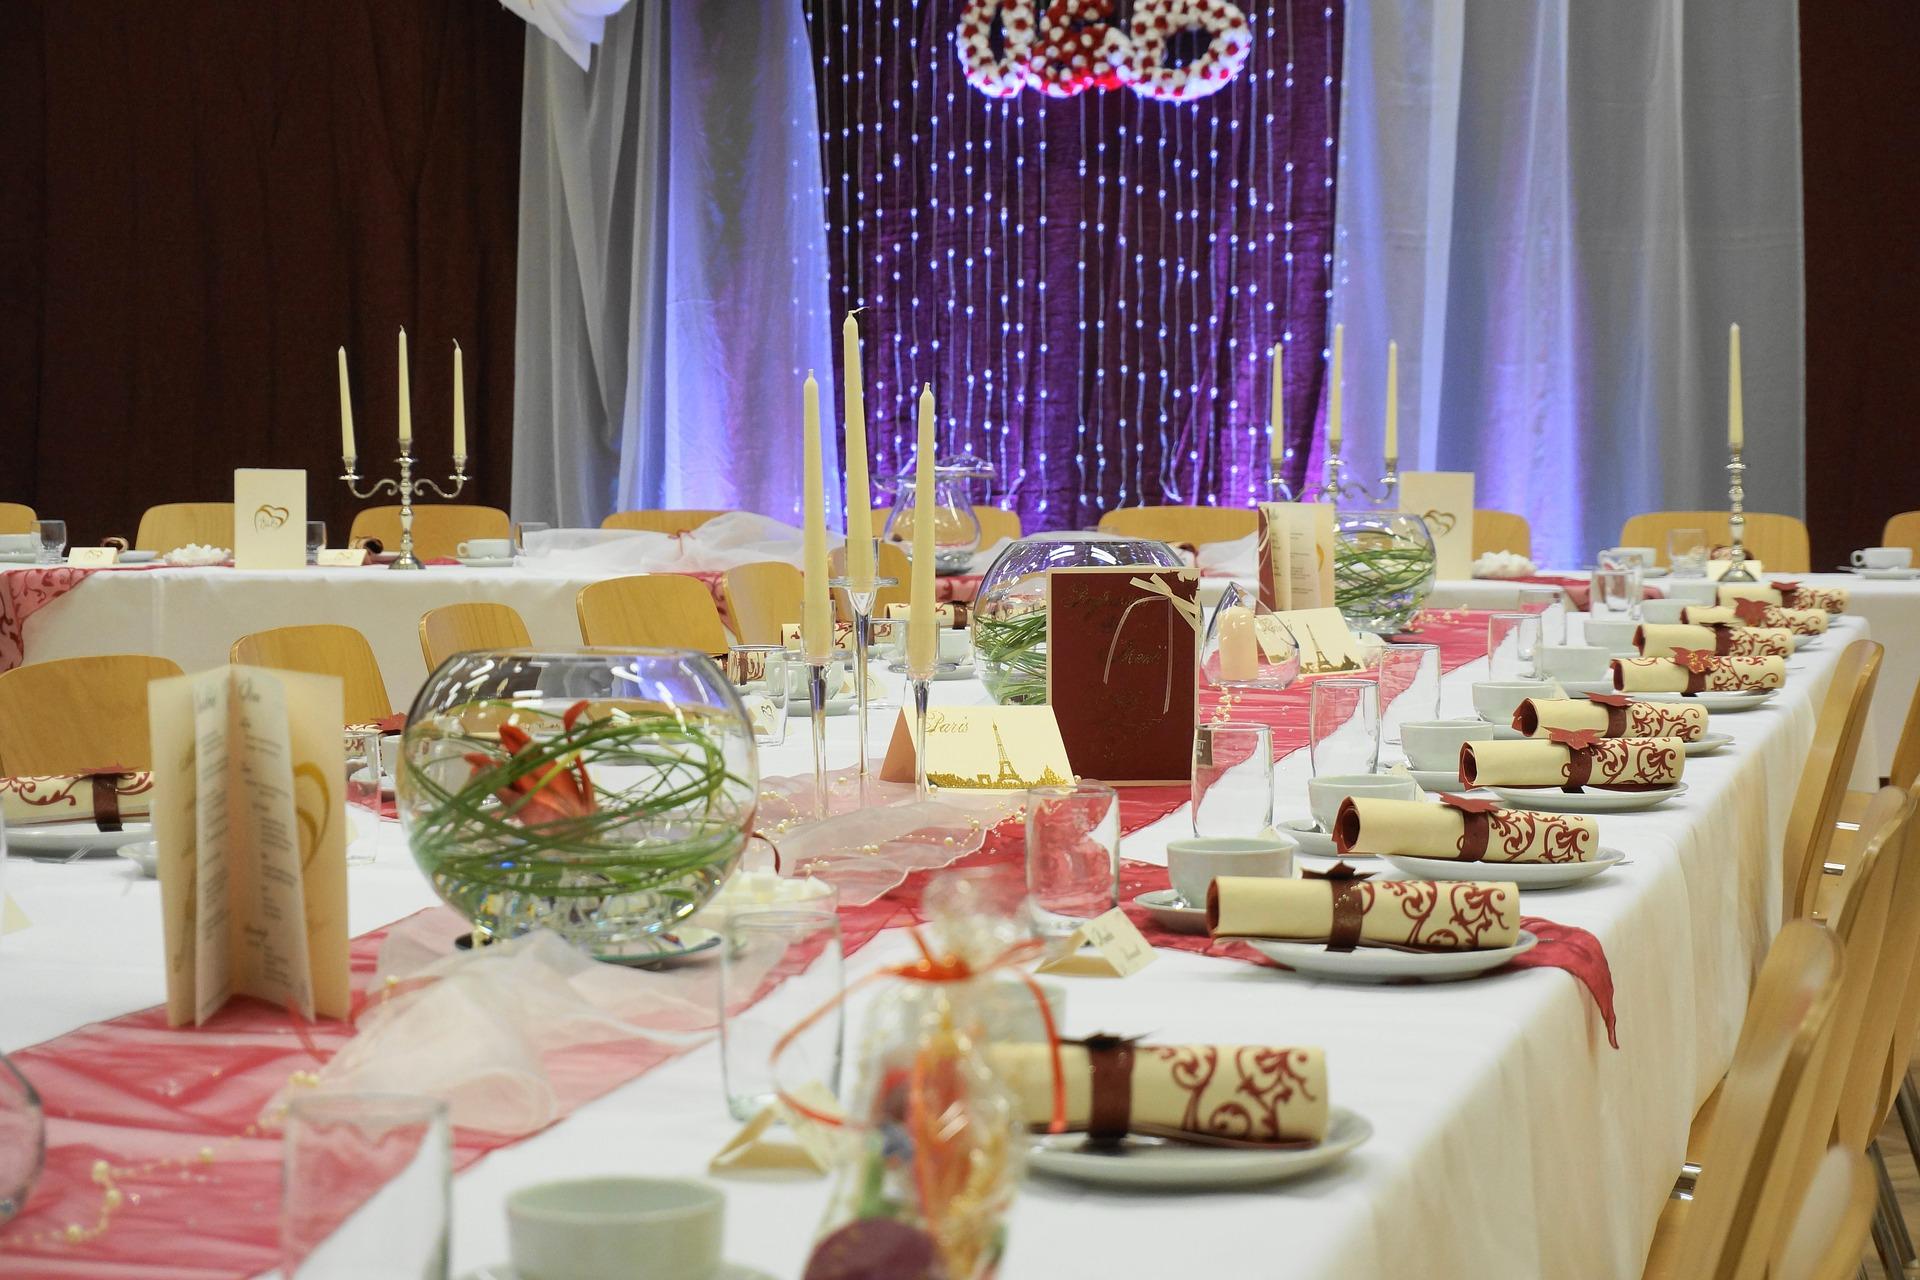 wedding-feast-2841610_1920